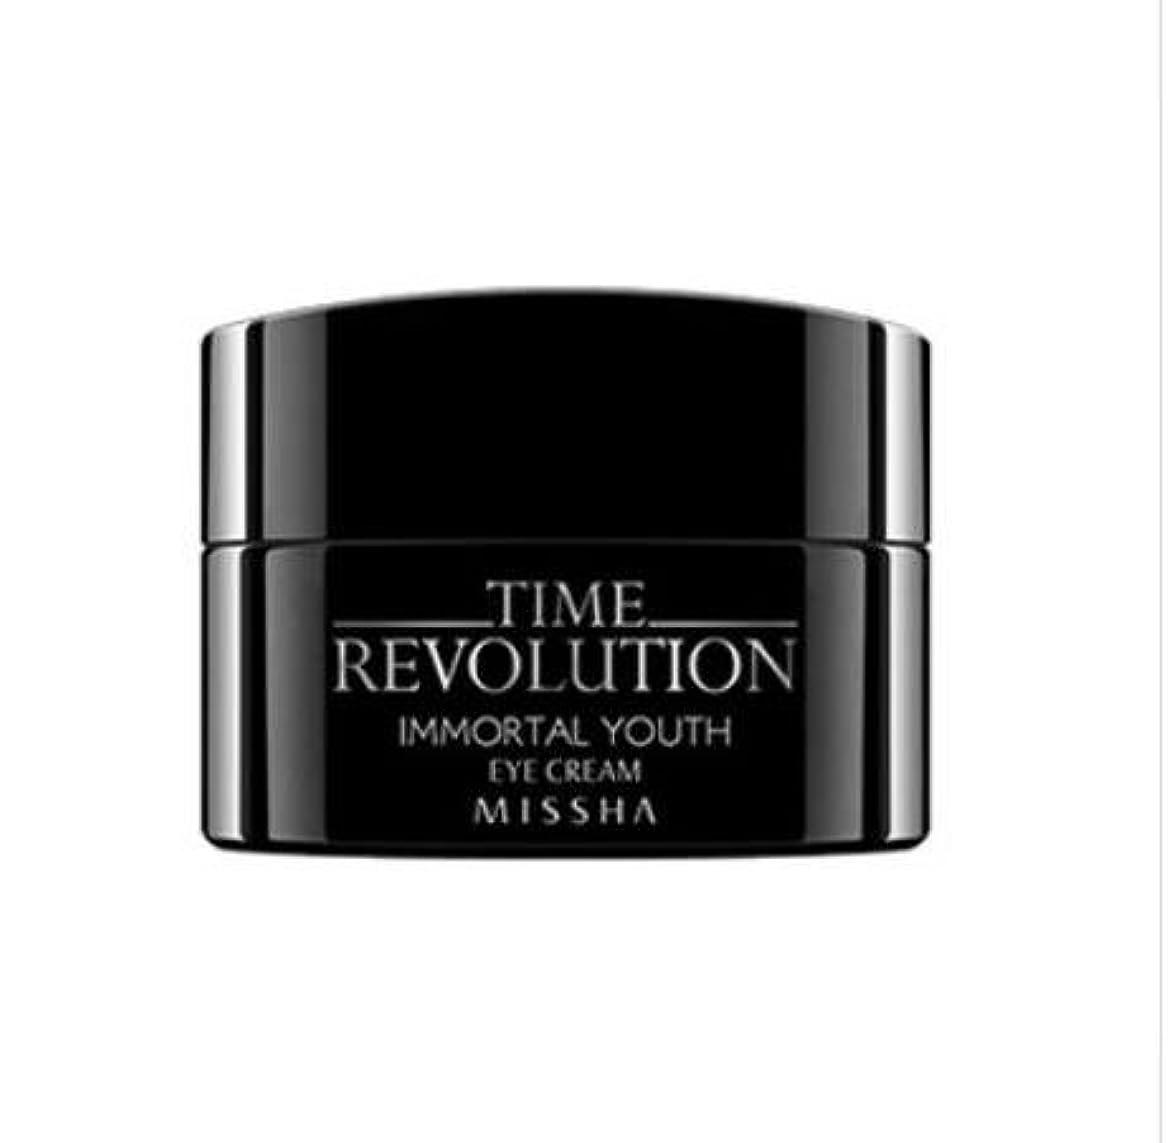 配当揮発性懐[ミシャ] Missha [タイムレボリューション イモタルユース アイクリーム](MISSHA Time Revolution Immortal Youth Eye Cream) [並行輸入品]